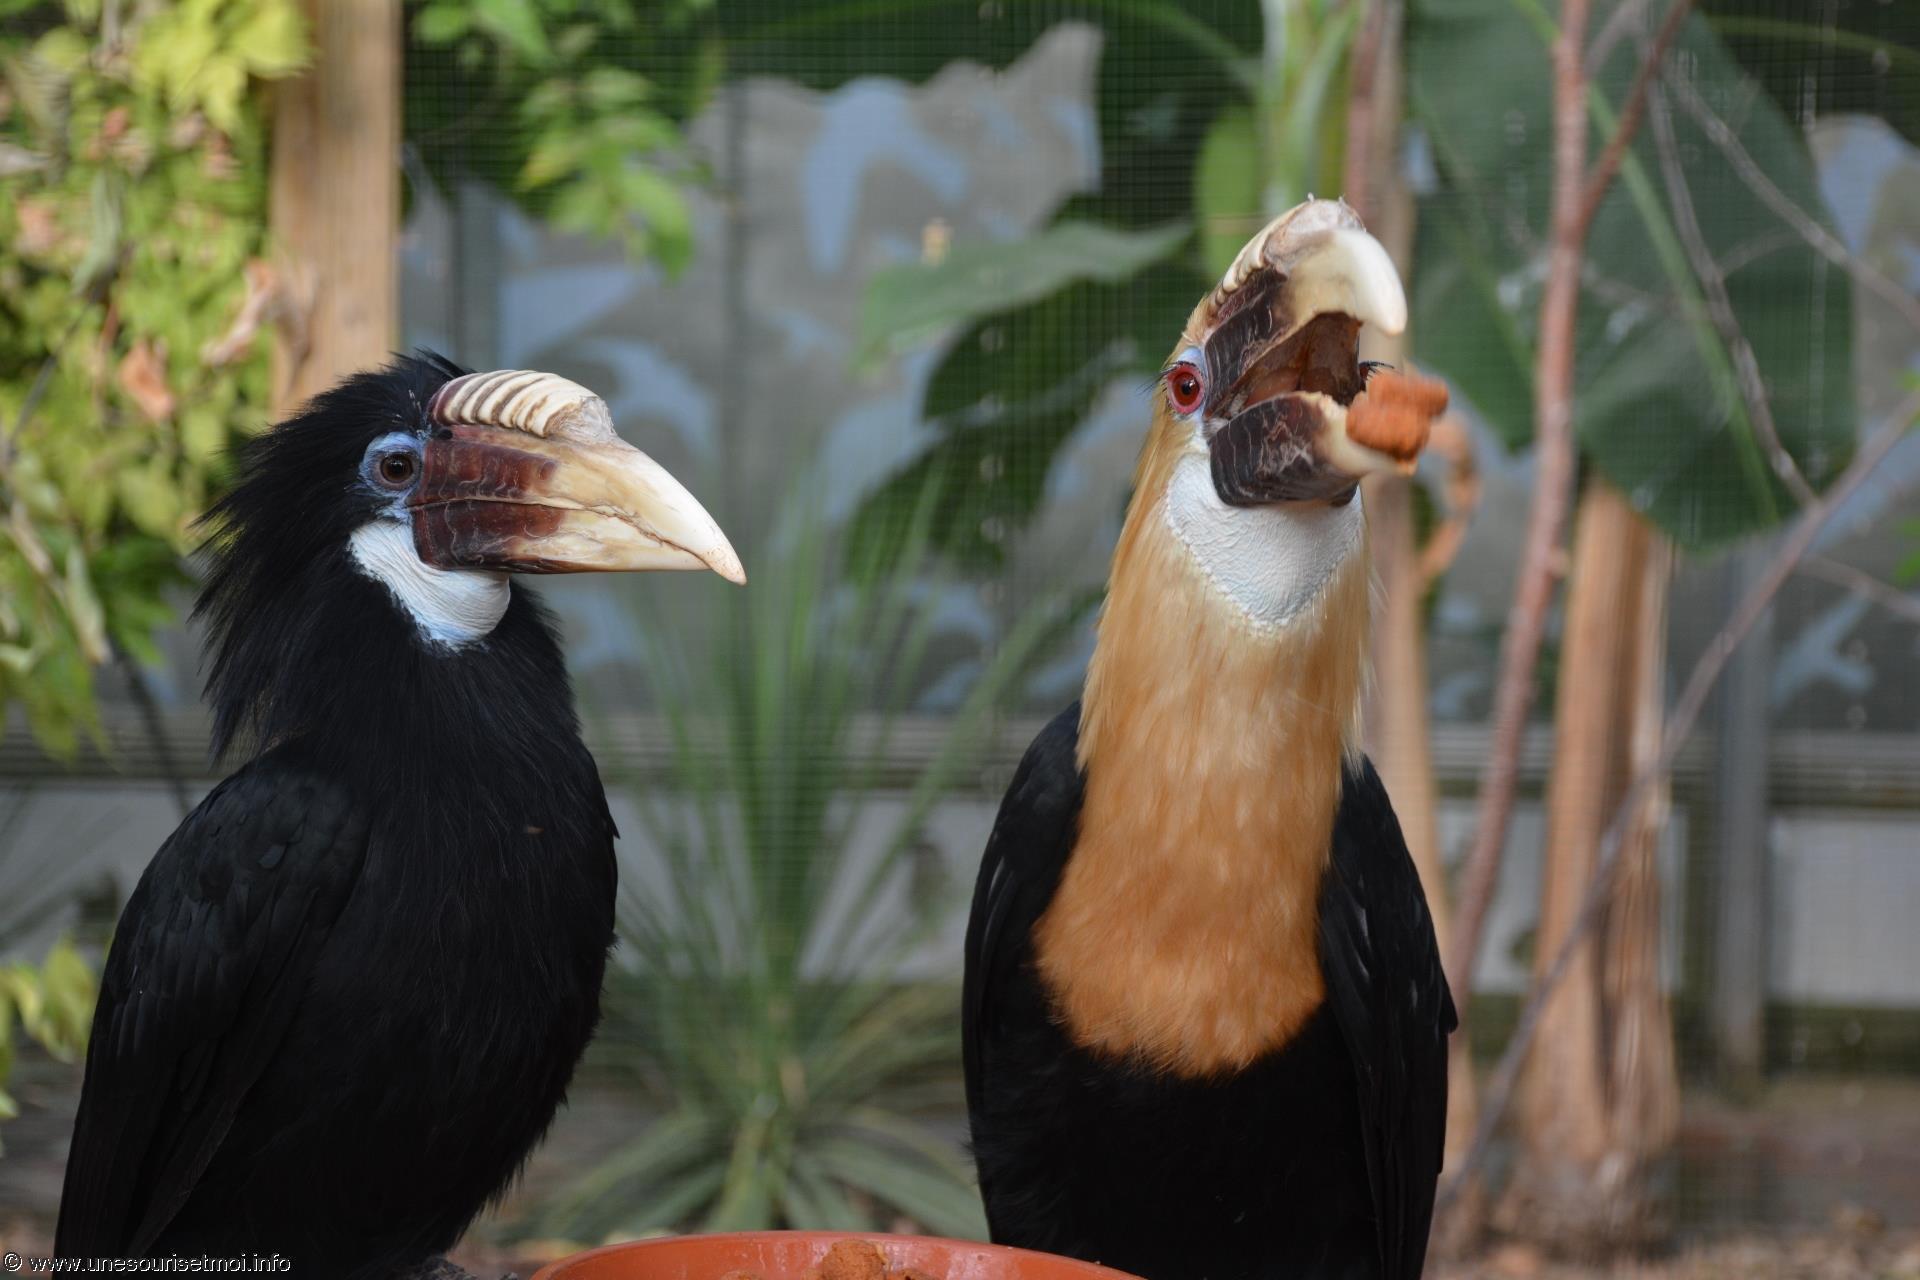 le-repas_fonds-ecran-gratuits_photos-oiseaux_01